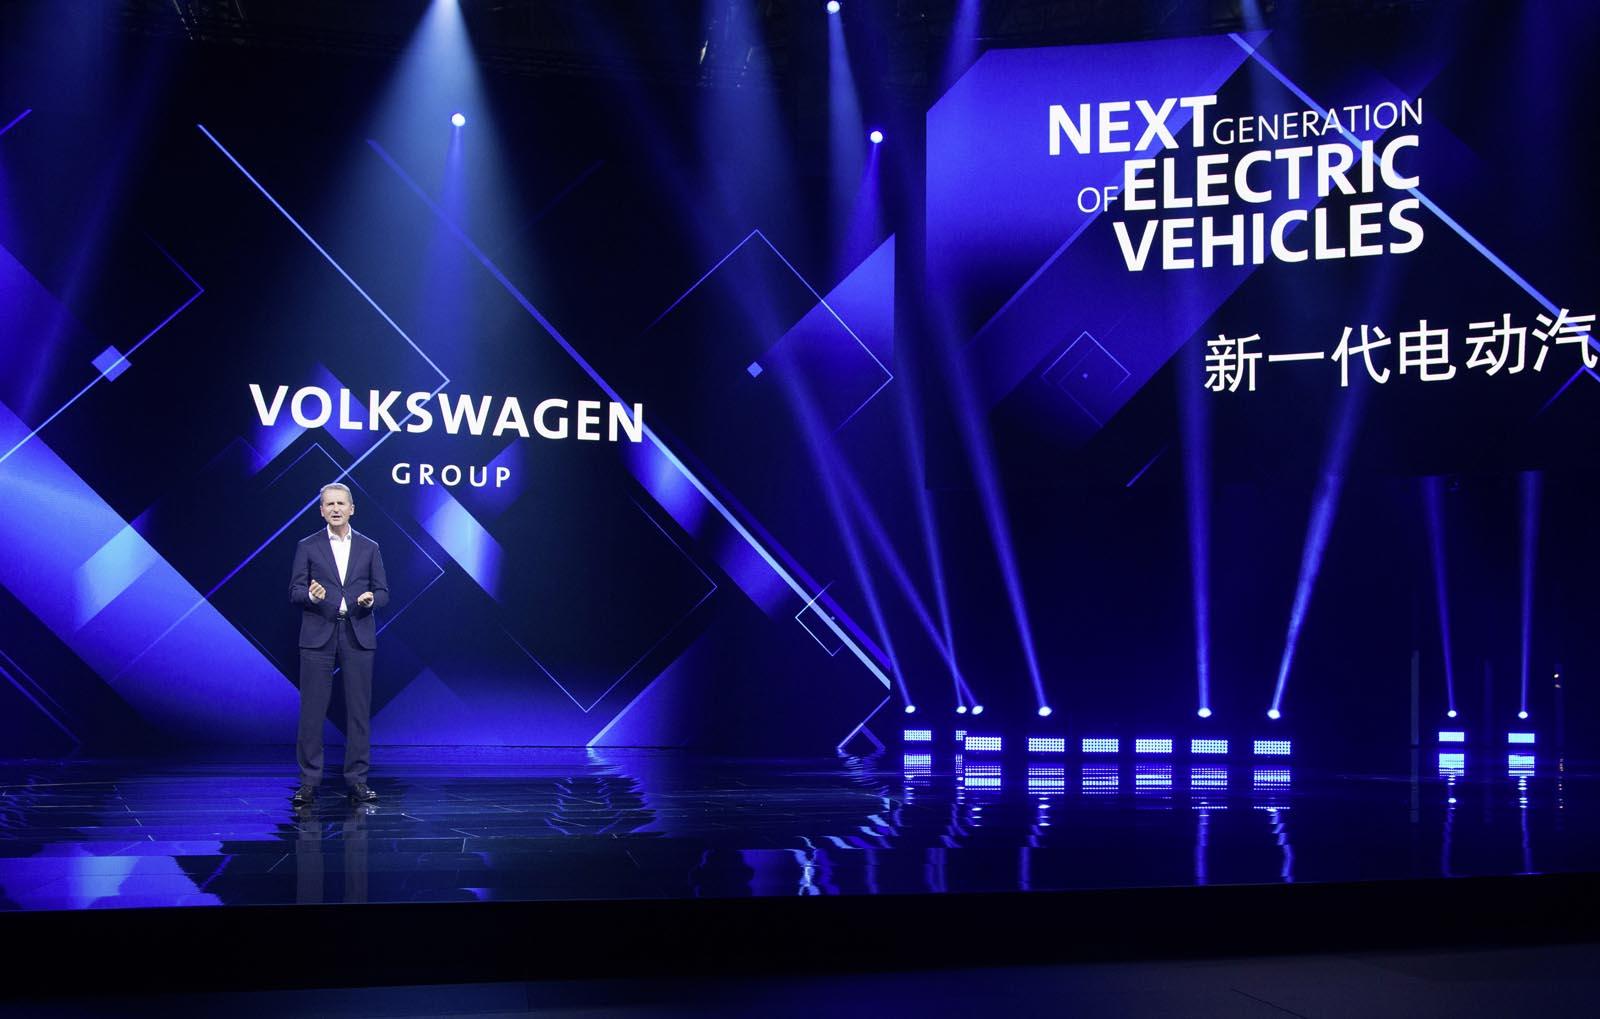 Photo of Θα ακριβύνουν τα συμβατικά αυτοκίνητα στο μέλλον; [blog]